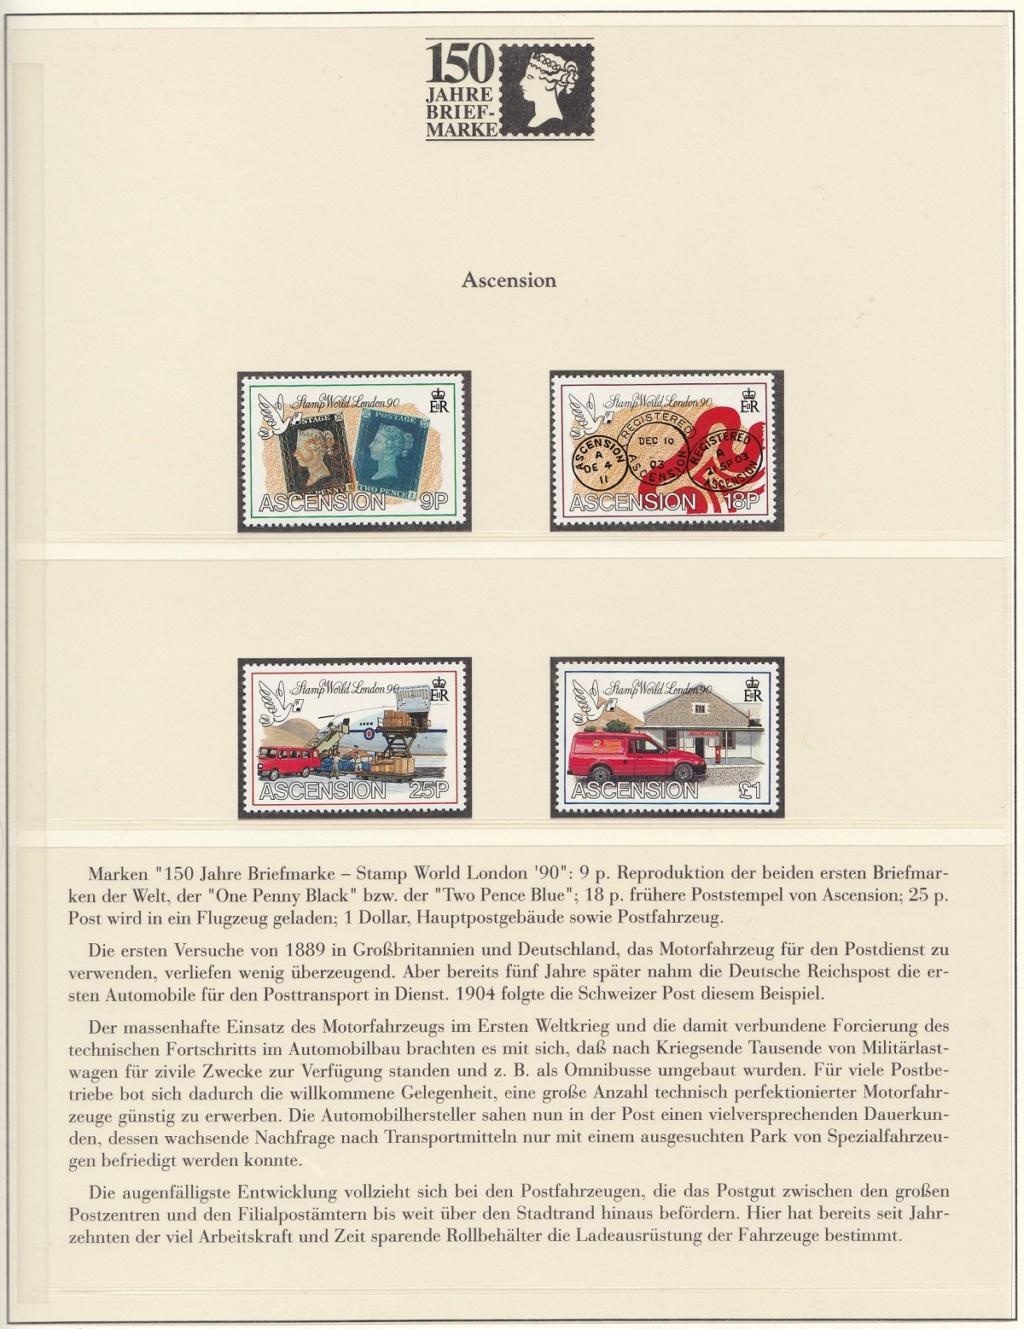 180 Jahre Briefmarke 150-910